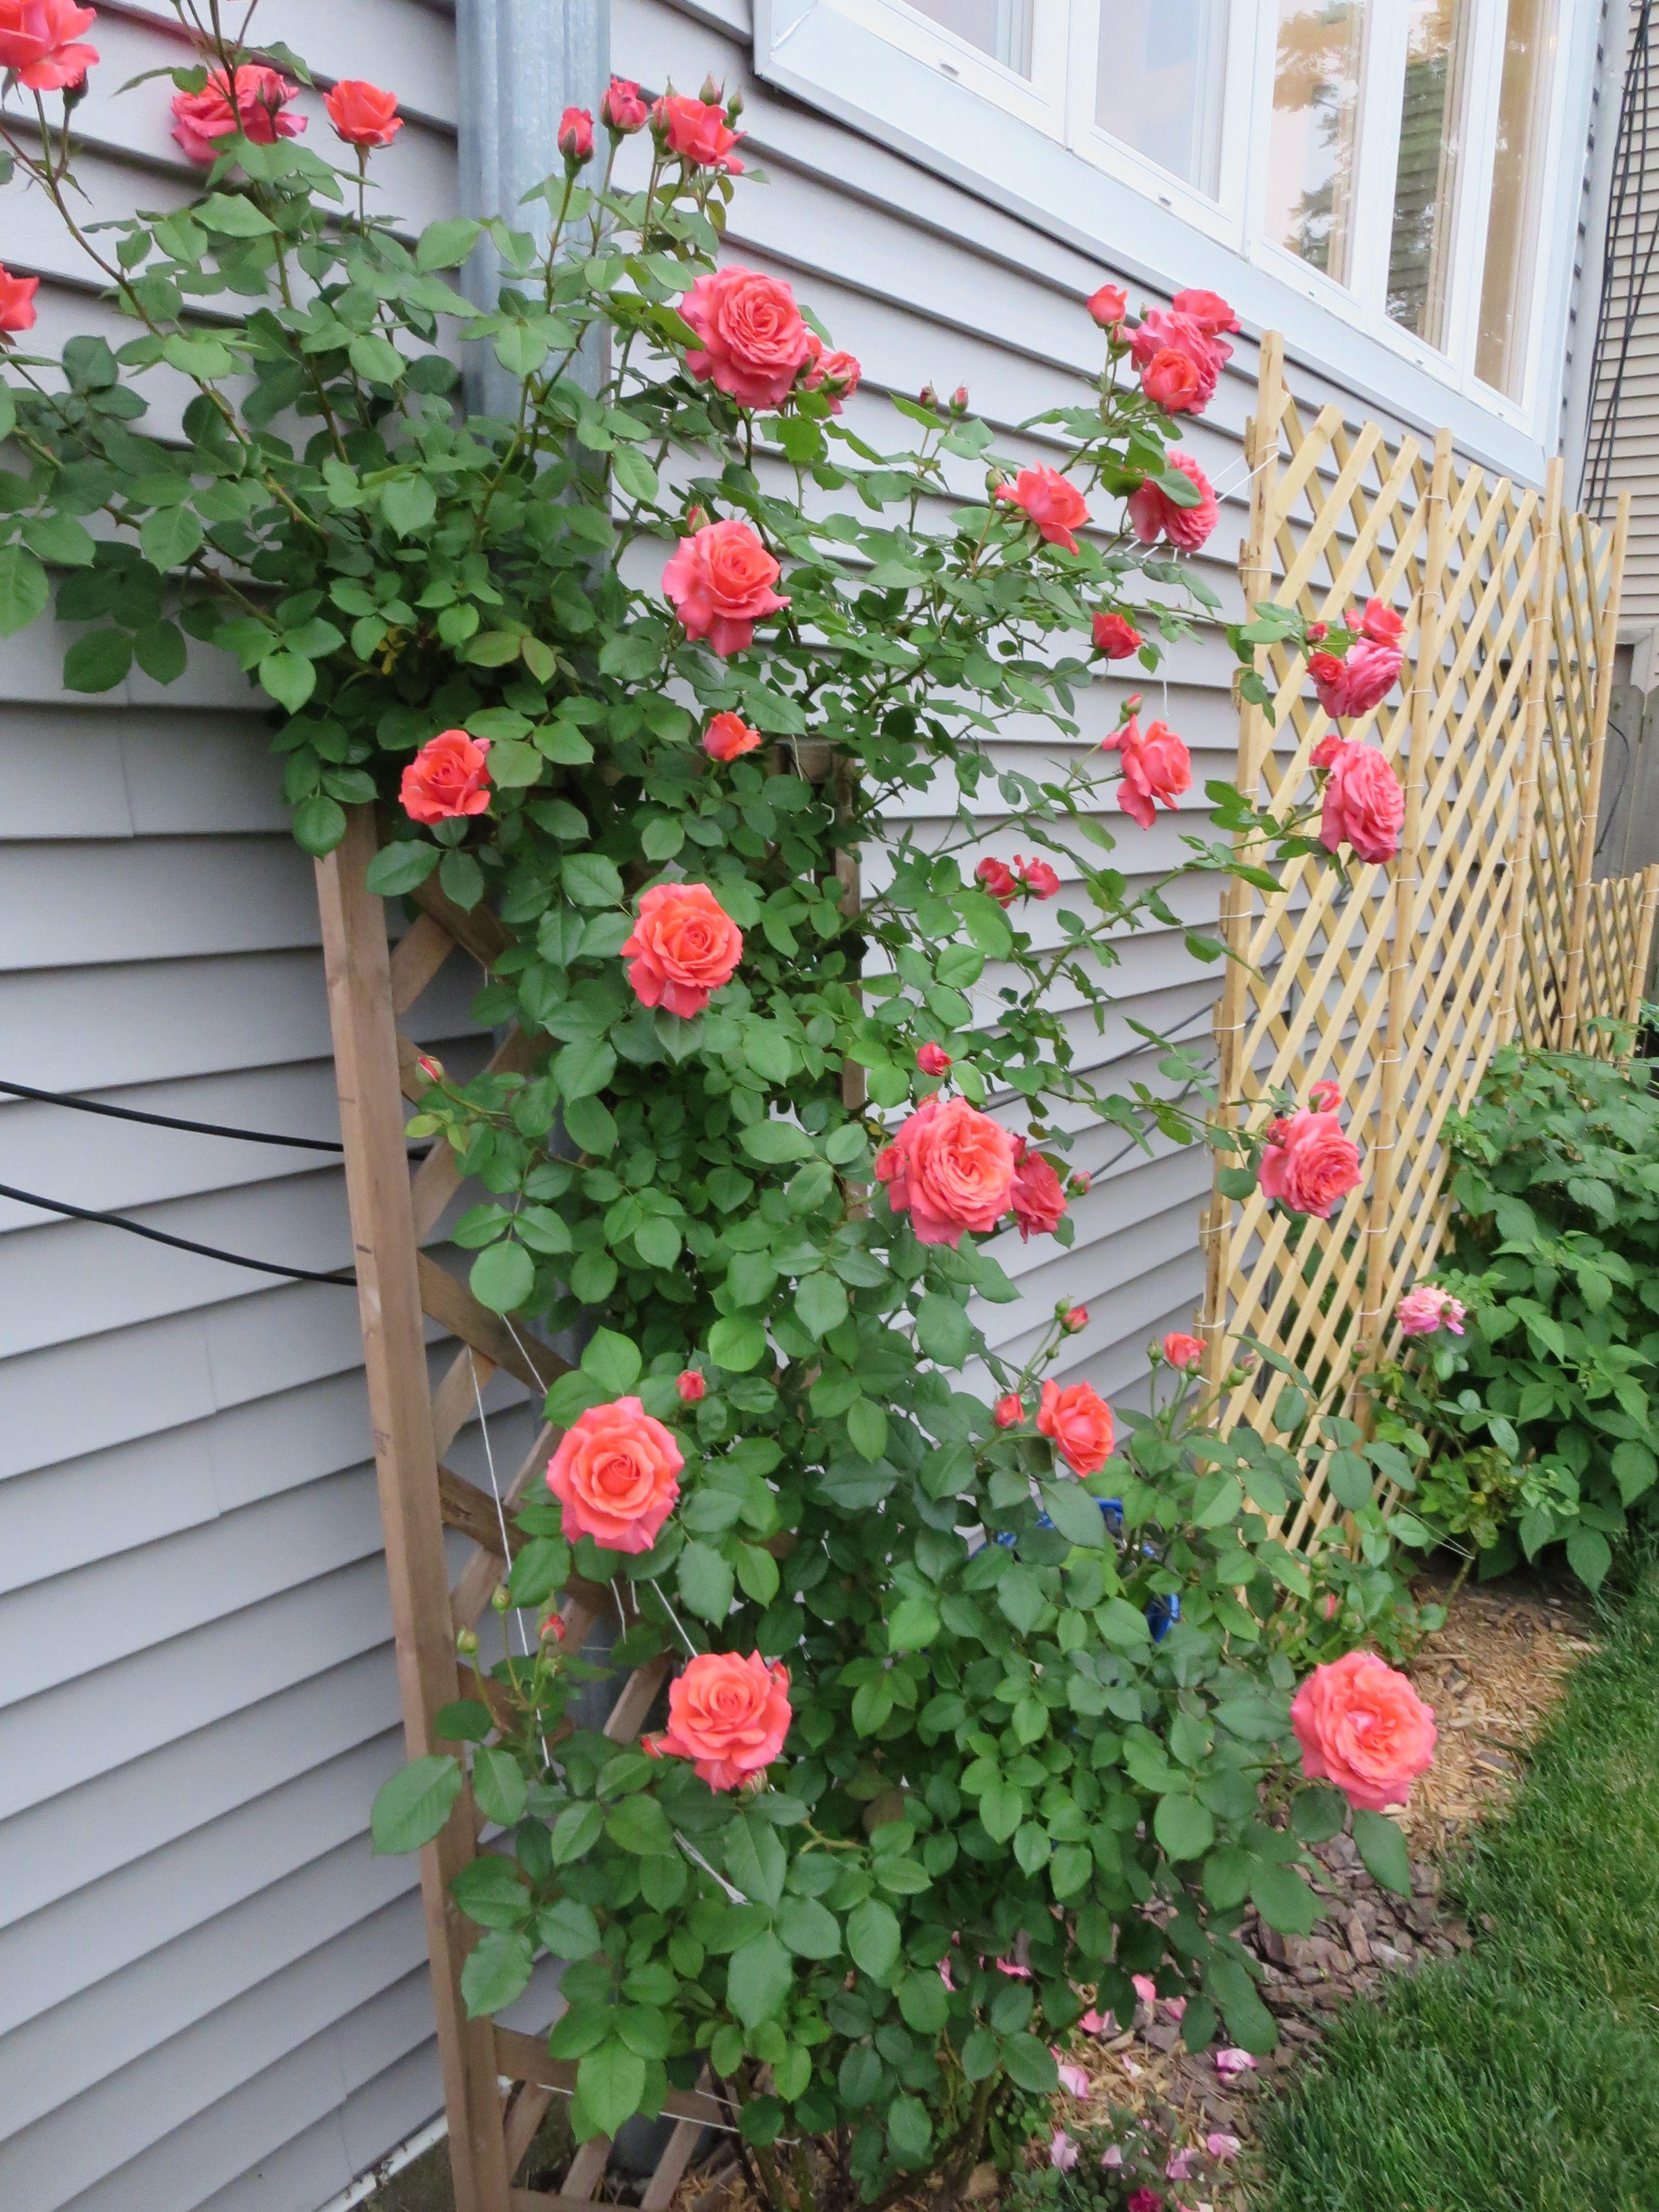 Pin By Sheila Helm Lynn On Gardening Climbing Roses Rose Beds Garden Beautiful Flowers Garden